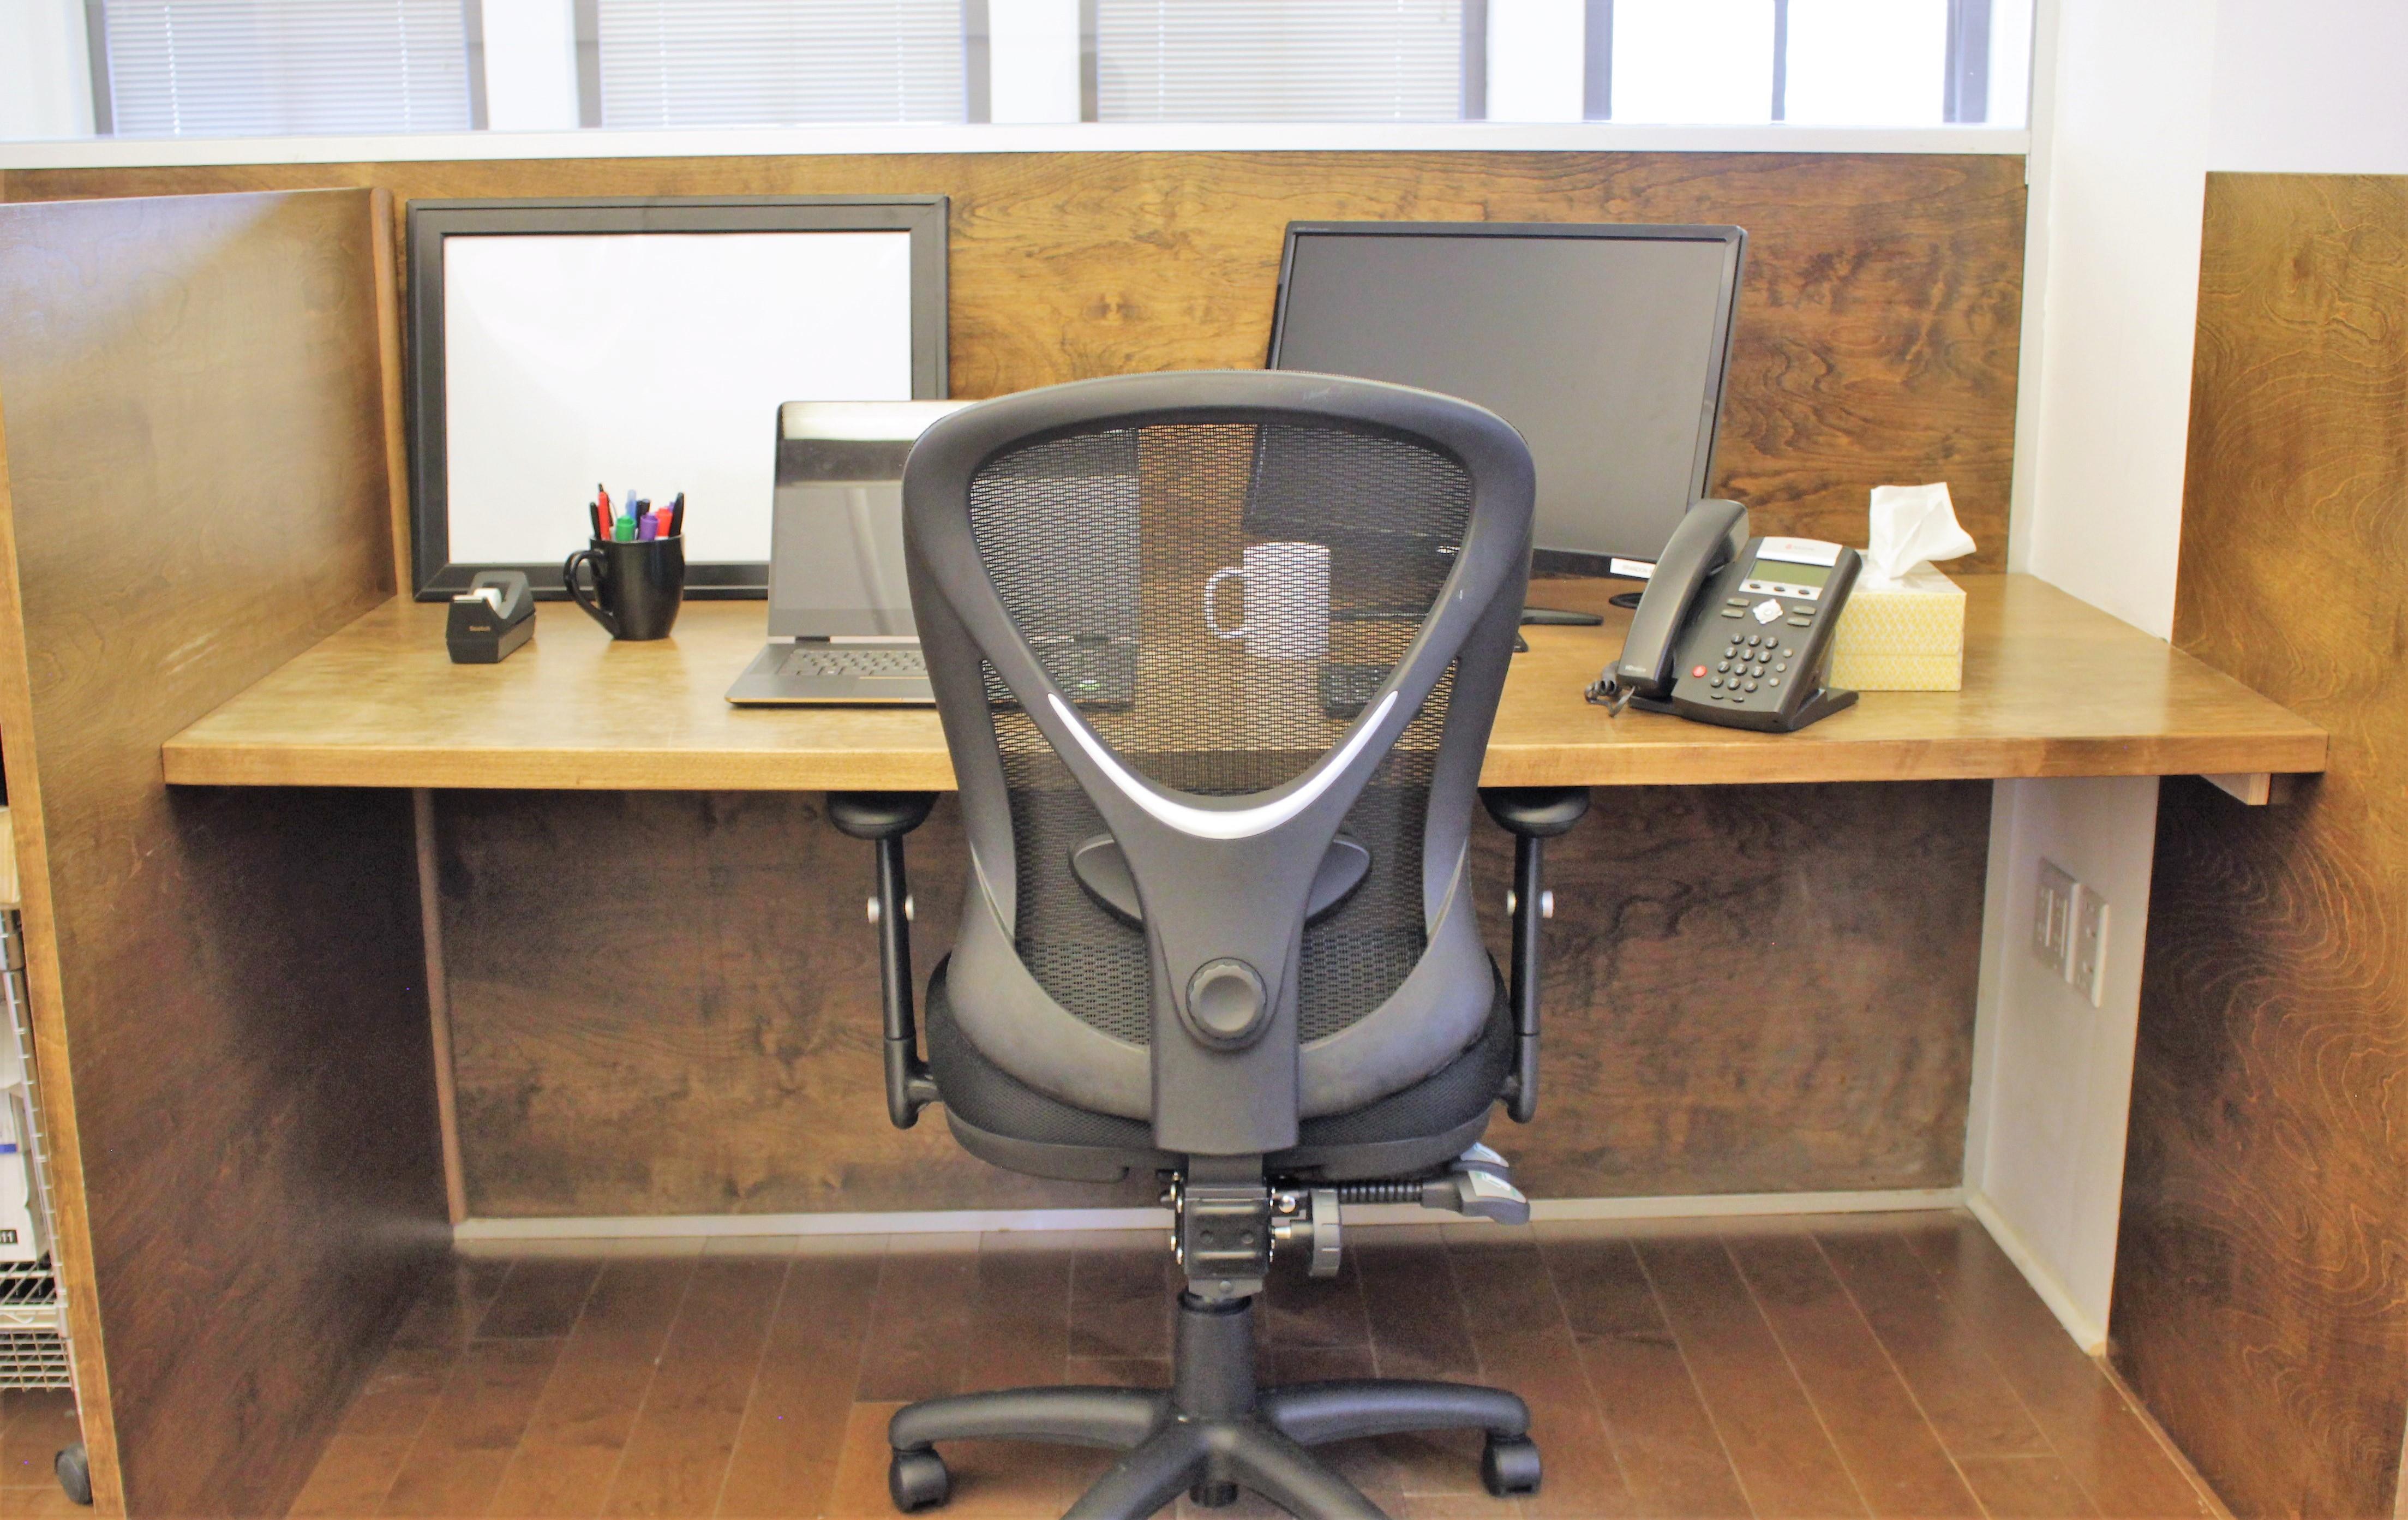 TTI Hot Desks - Hot Desks